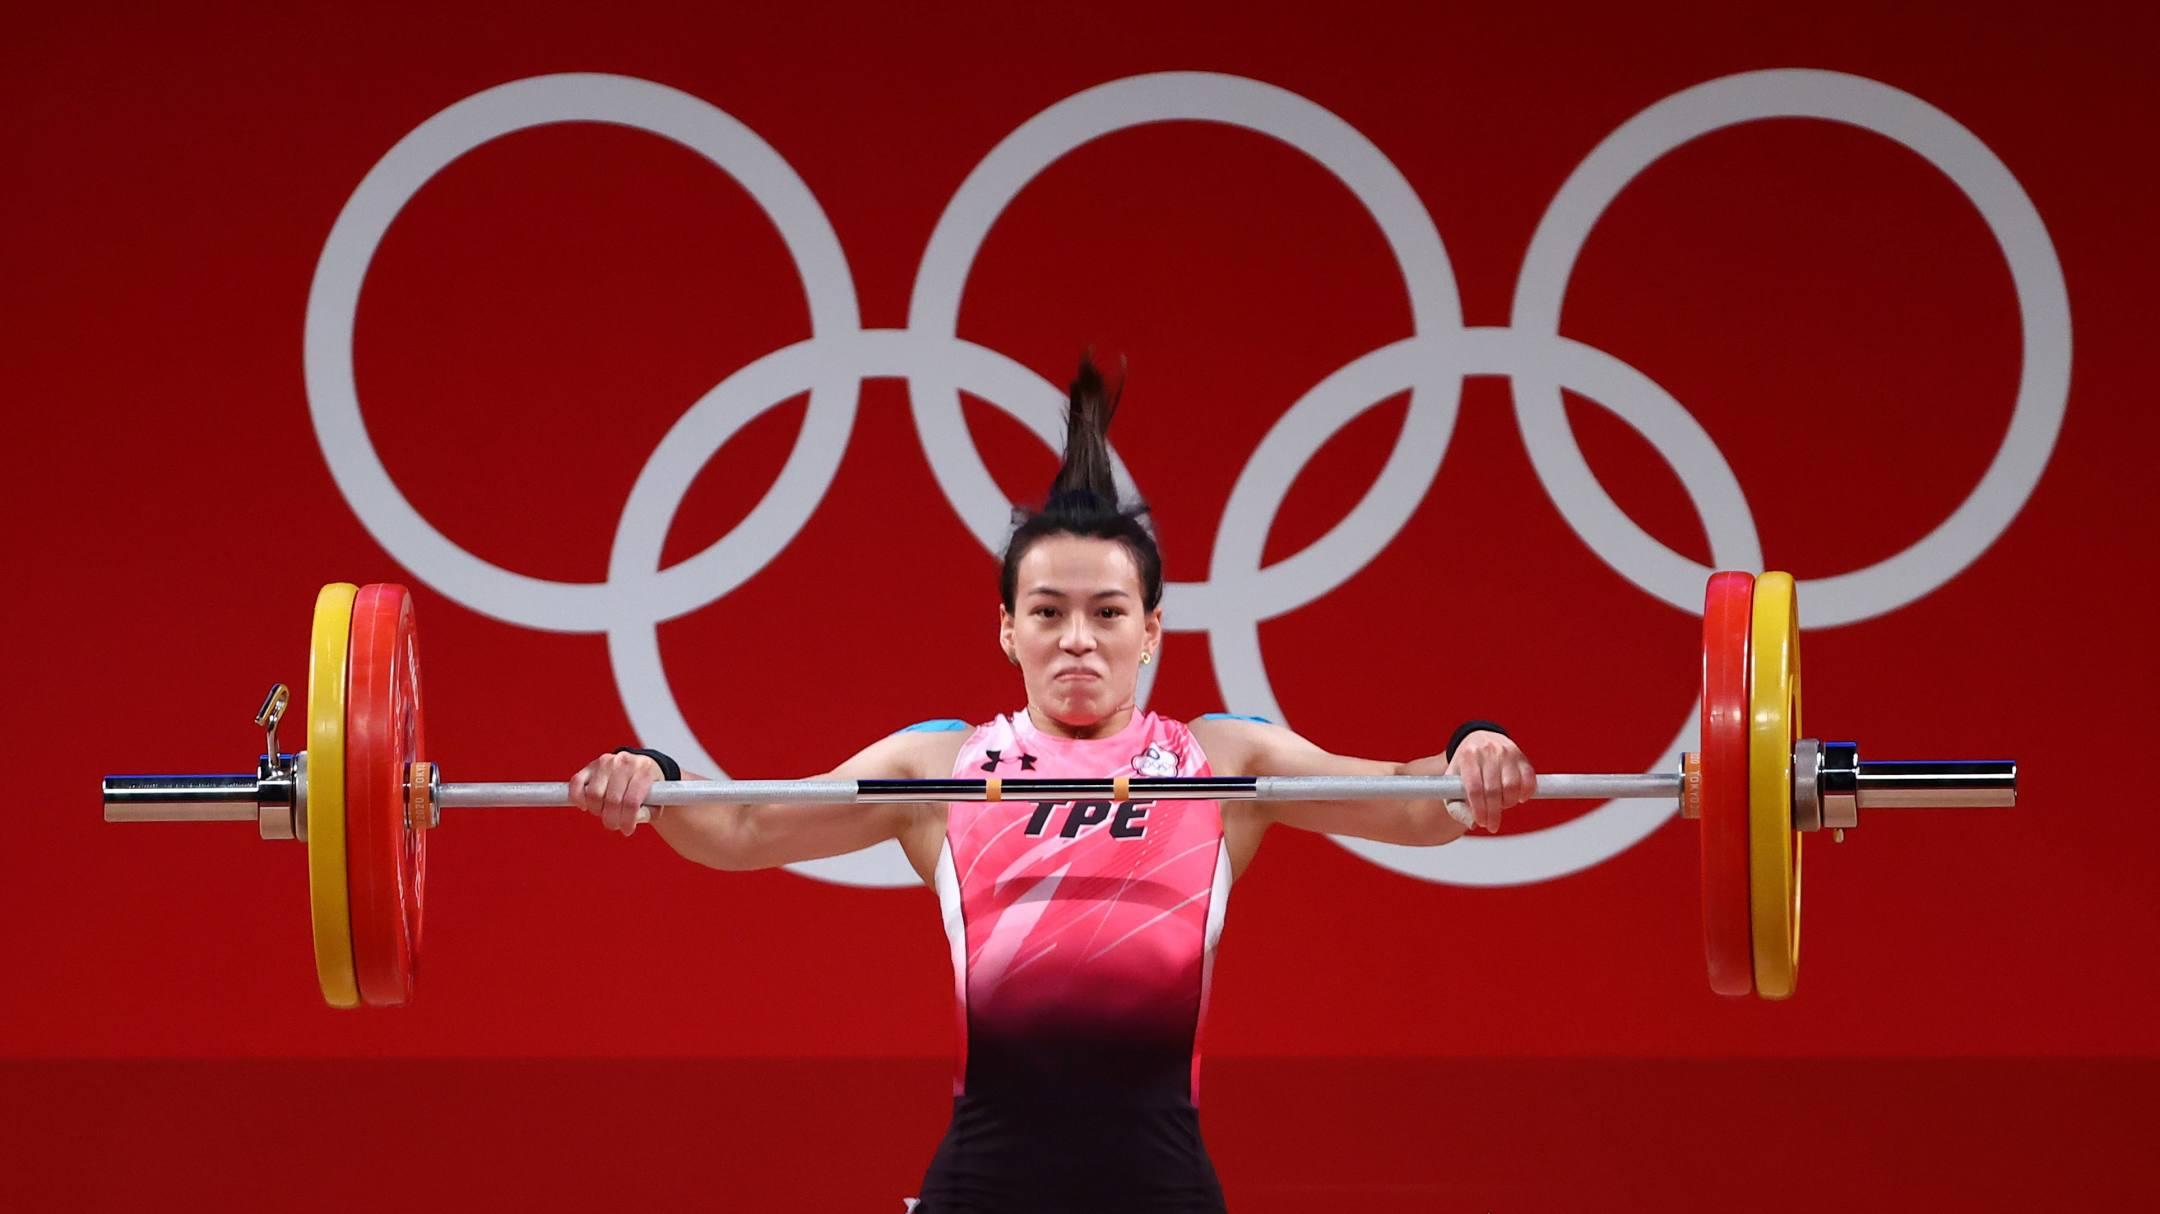 Đô cử Kou Hsing-chun là một trong hai VĐV Đài Loan đoạt HC vàng Olympic Tokyo 2020 tính đến trưa 4/8. Ảnh: Reuters